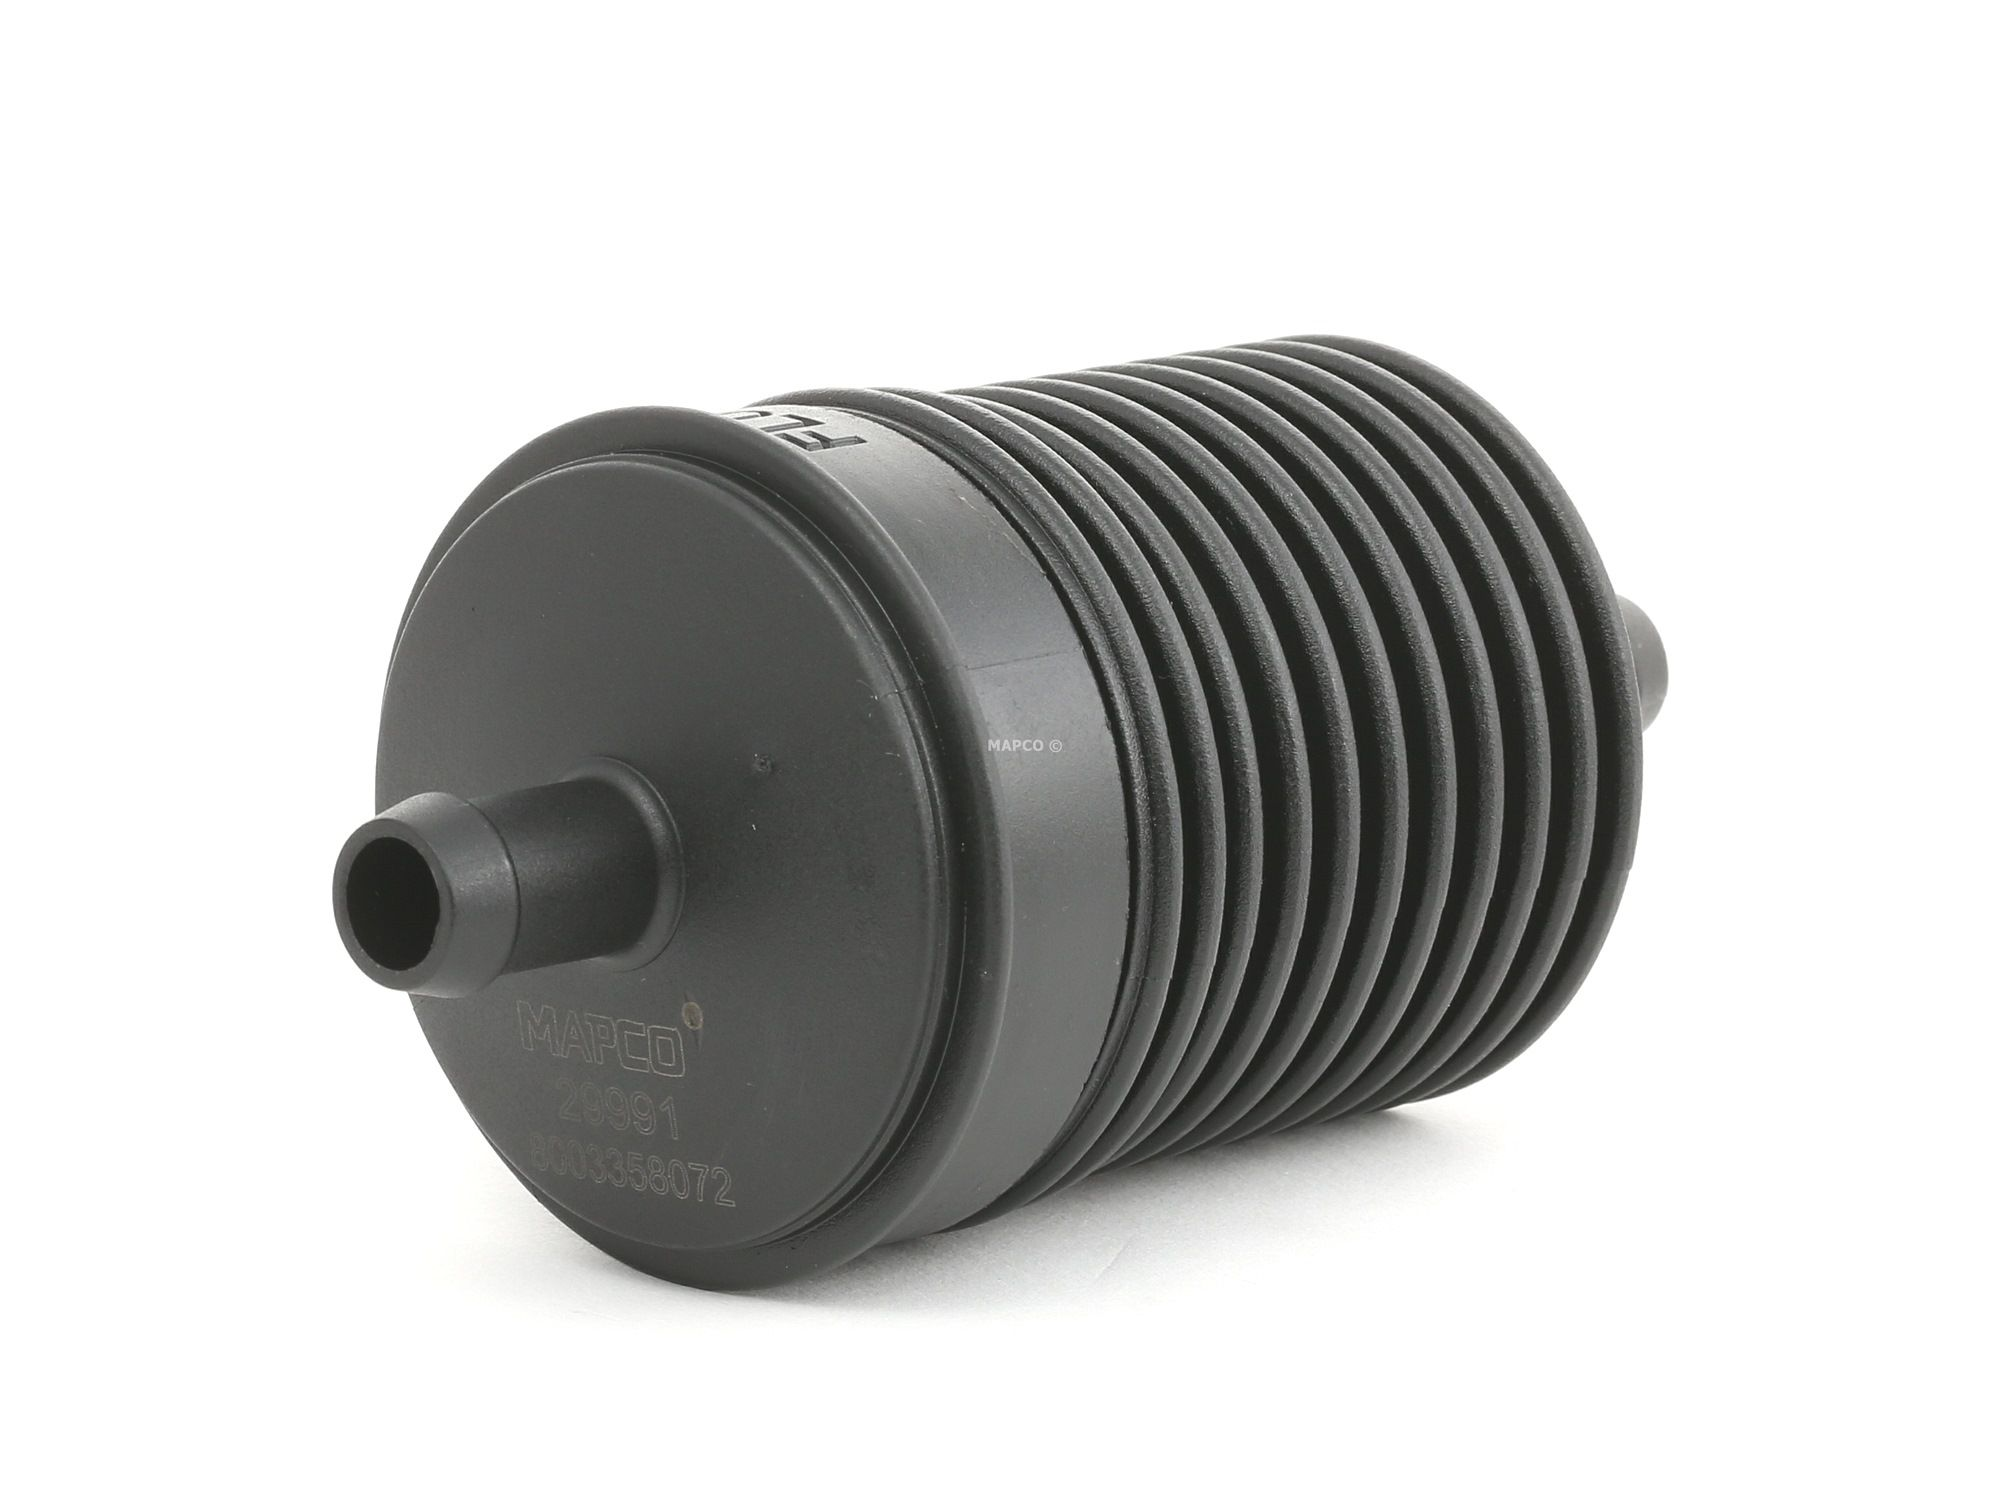 Pieces detachees RENAULT 15 1972 : Filtre hydraulique, direction MAPCO 29991 - Achetez tout de suite!